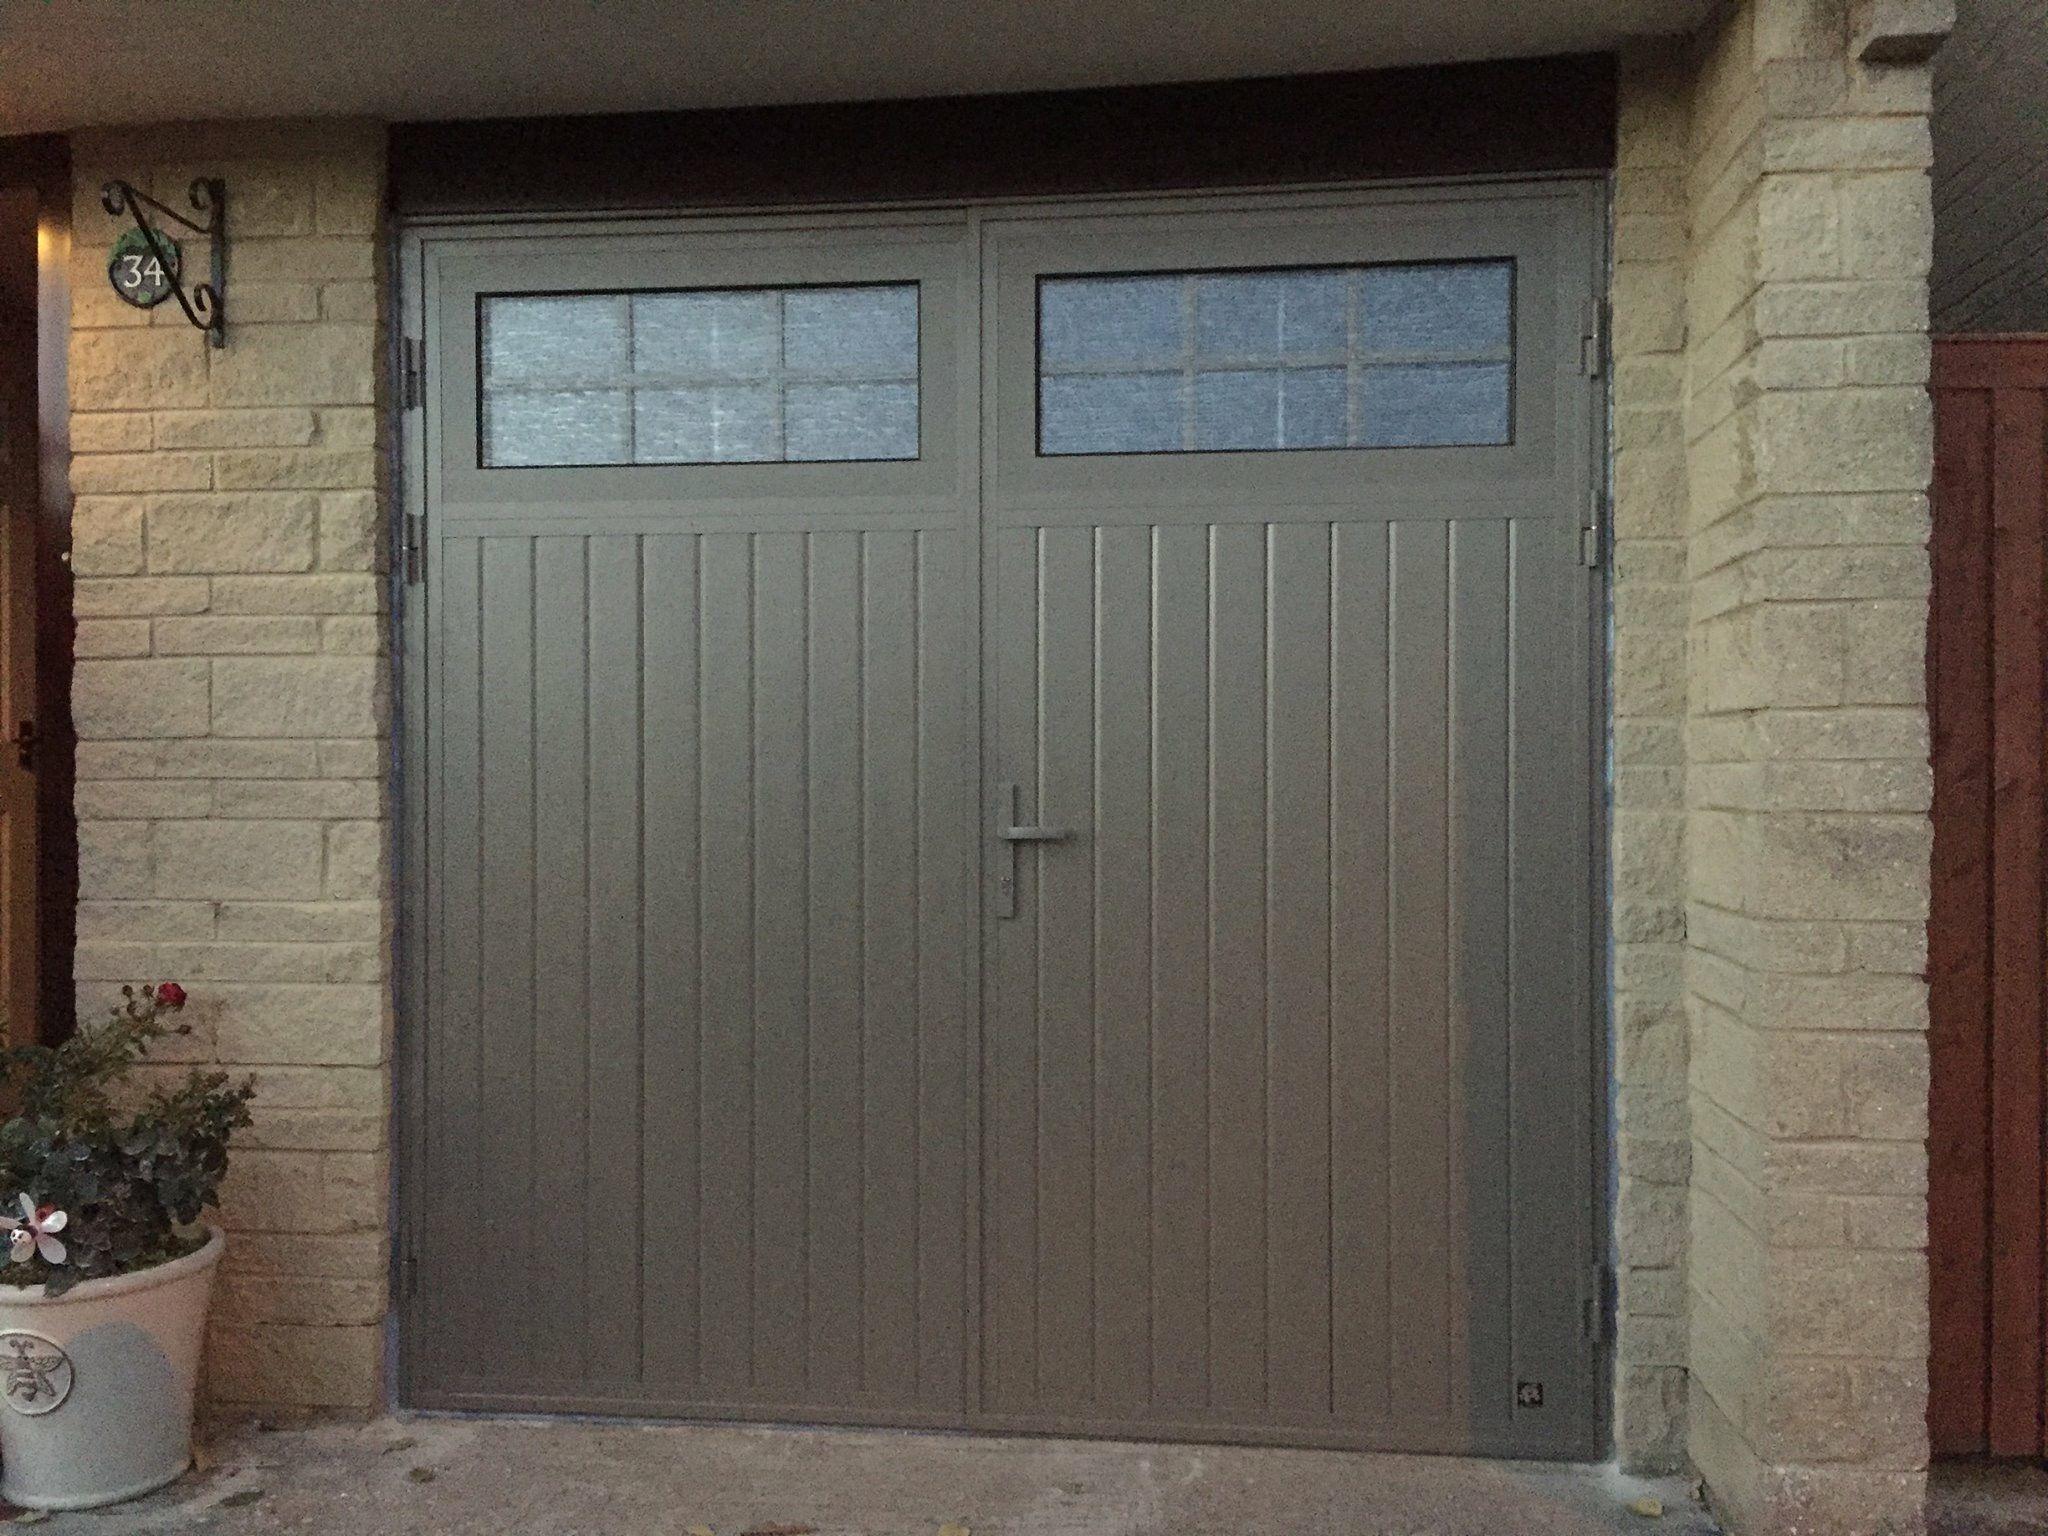 Ryterna Tradional Side Hinge Doors Insulated Side Hinged Garage Doors Double Doors Exterior Steel Garage Doors